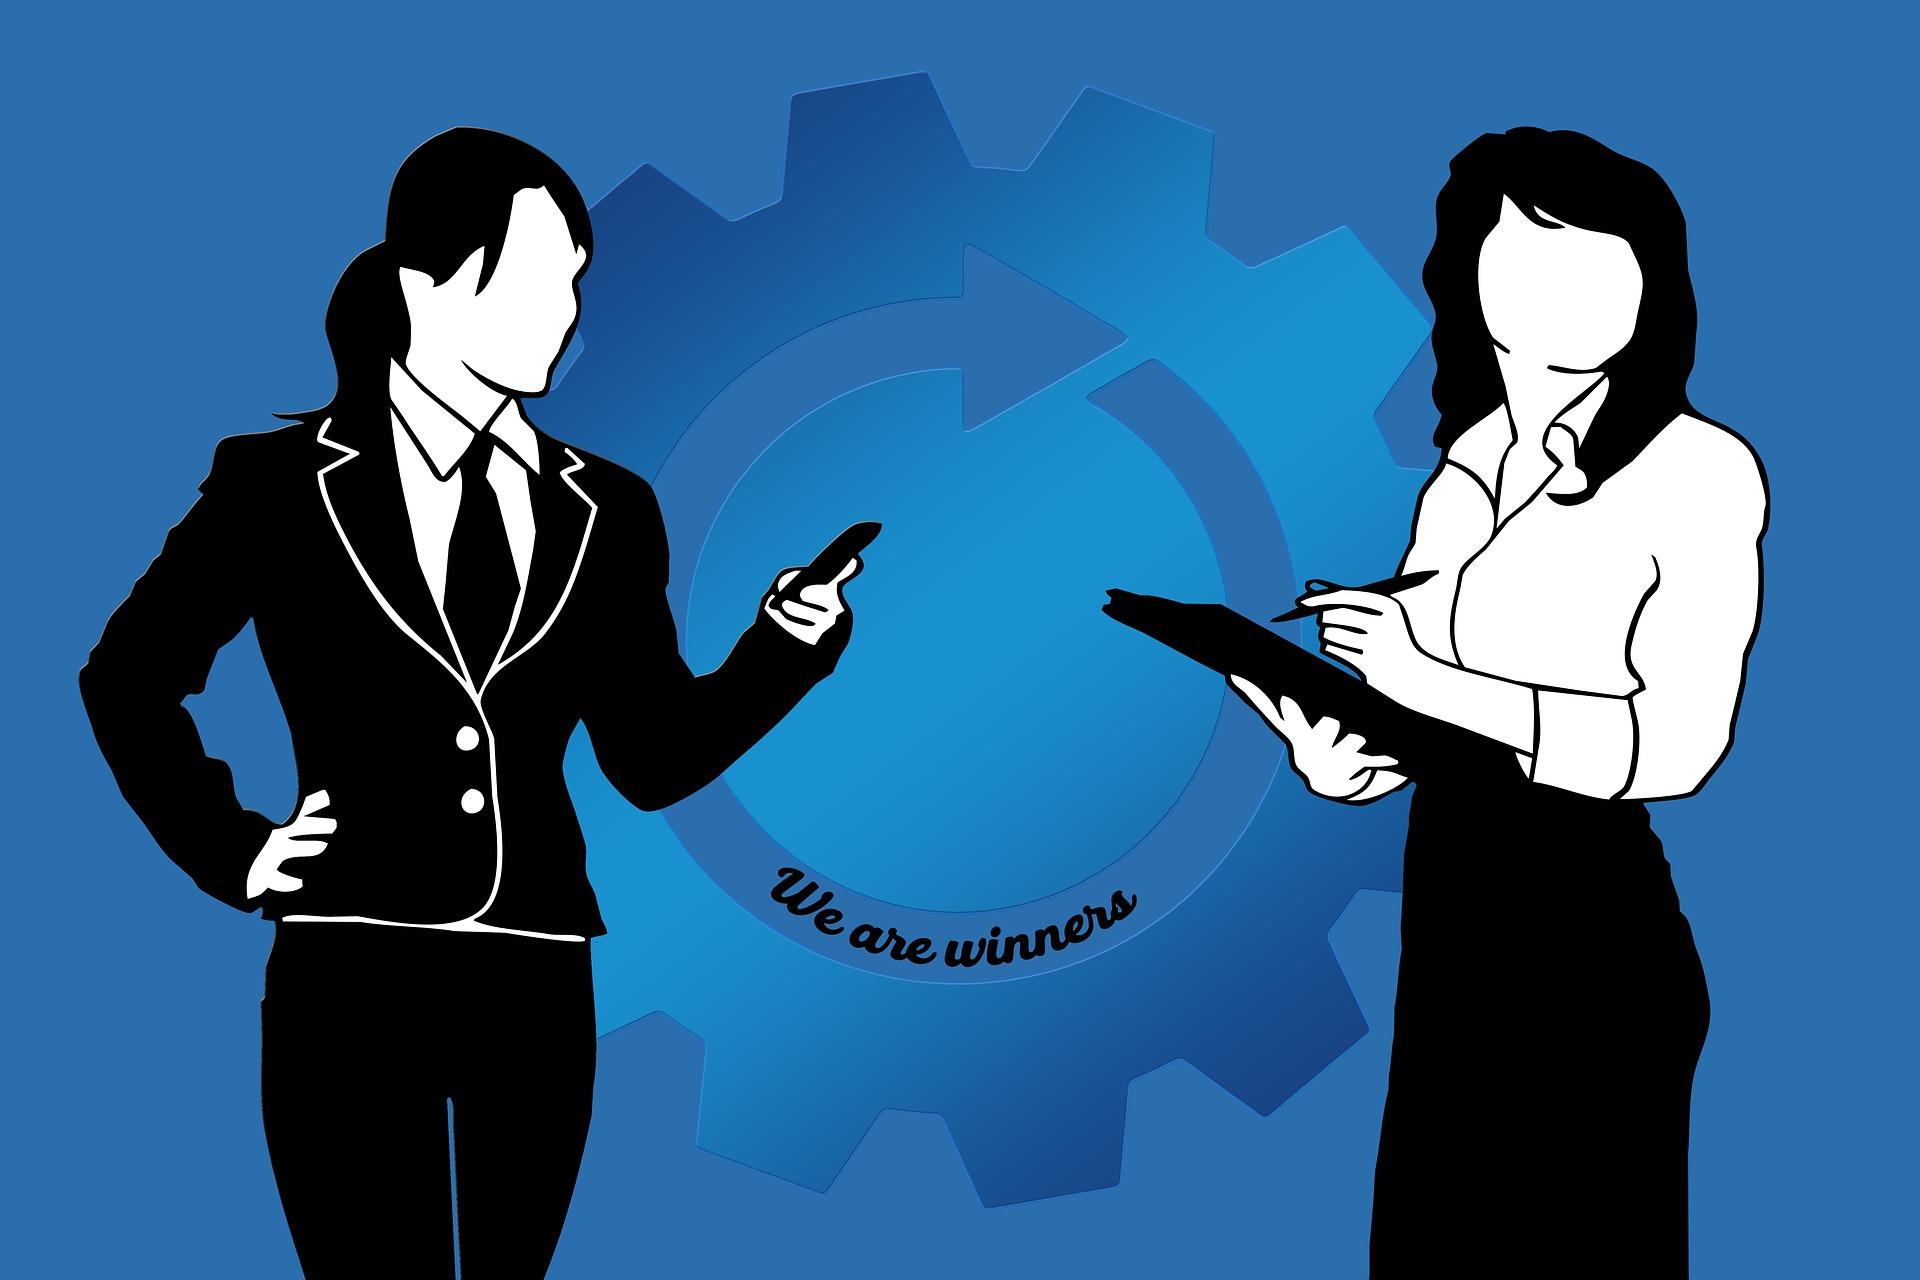 Im lepsza kadra menadżerska, tym sprawniejsze zarządzanie firmą